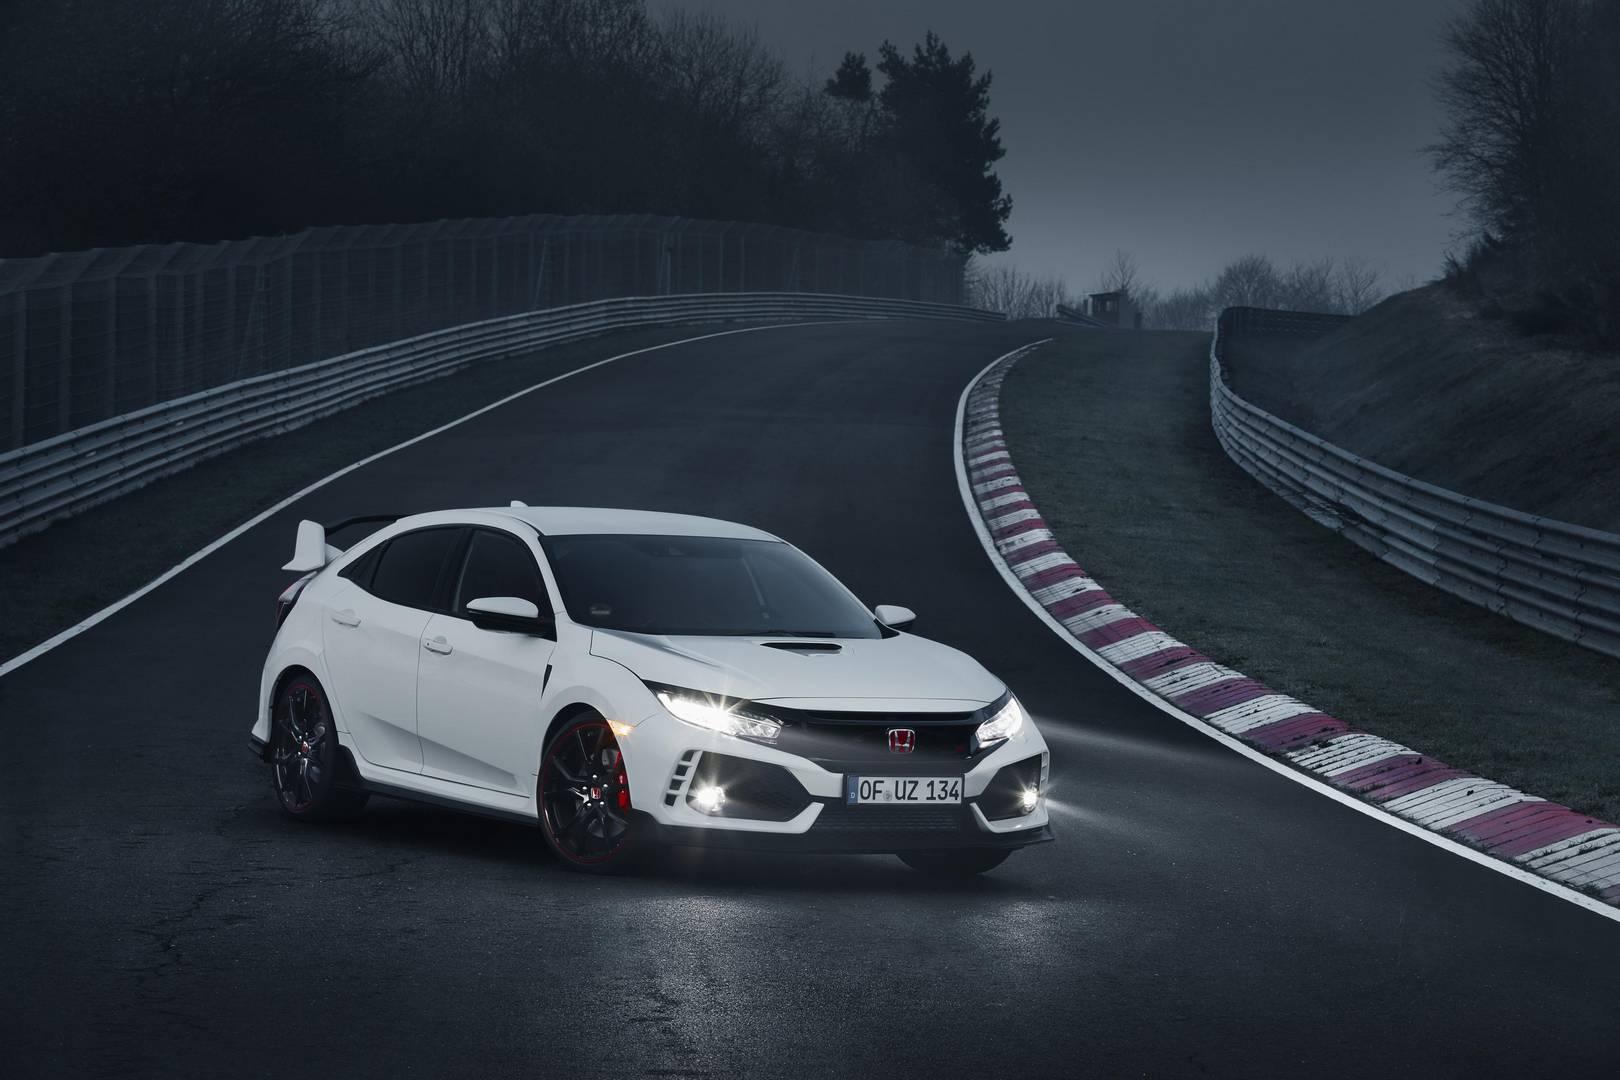 2017 Honda Civic Type R появится в британских автосалонах в июле этого года, и только что были раскрыты цены на автомобиль.